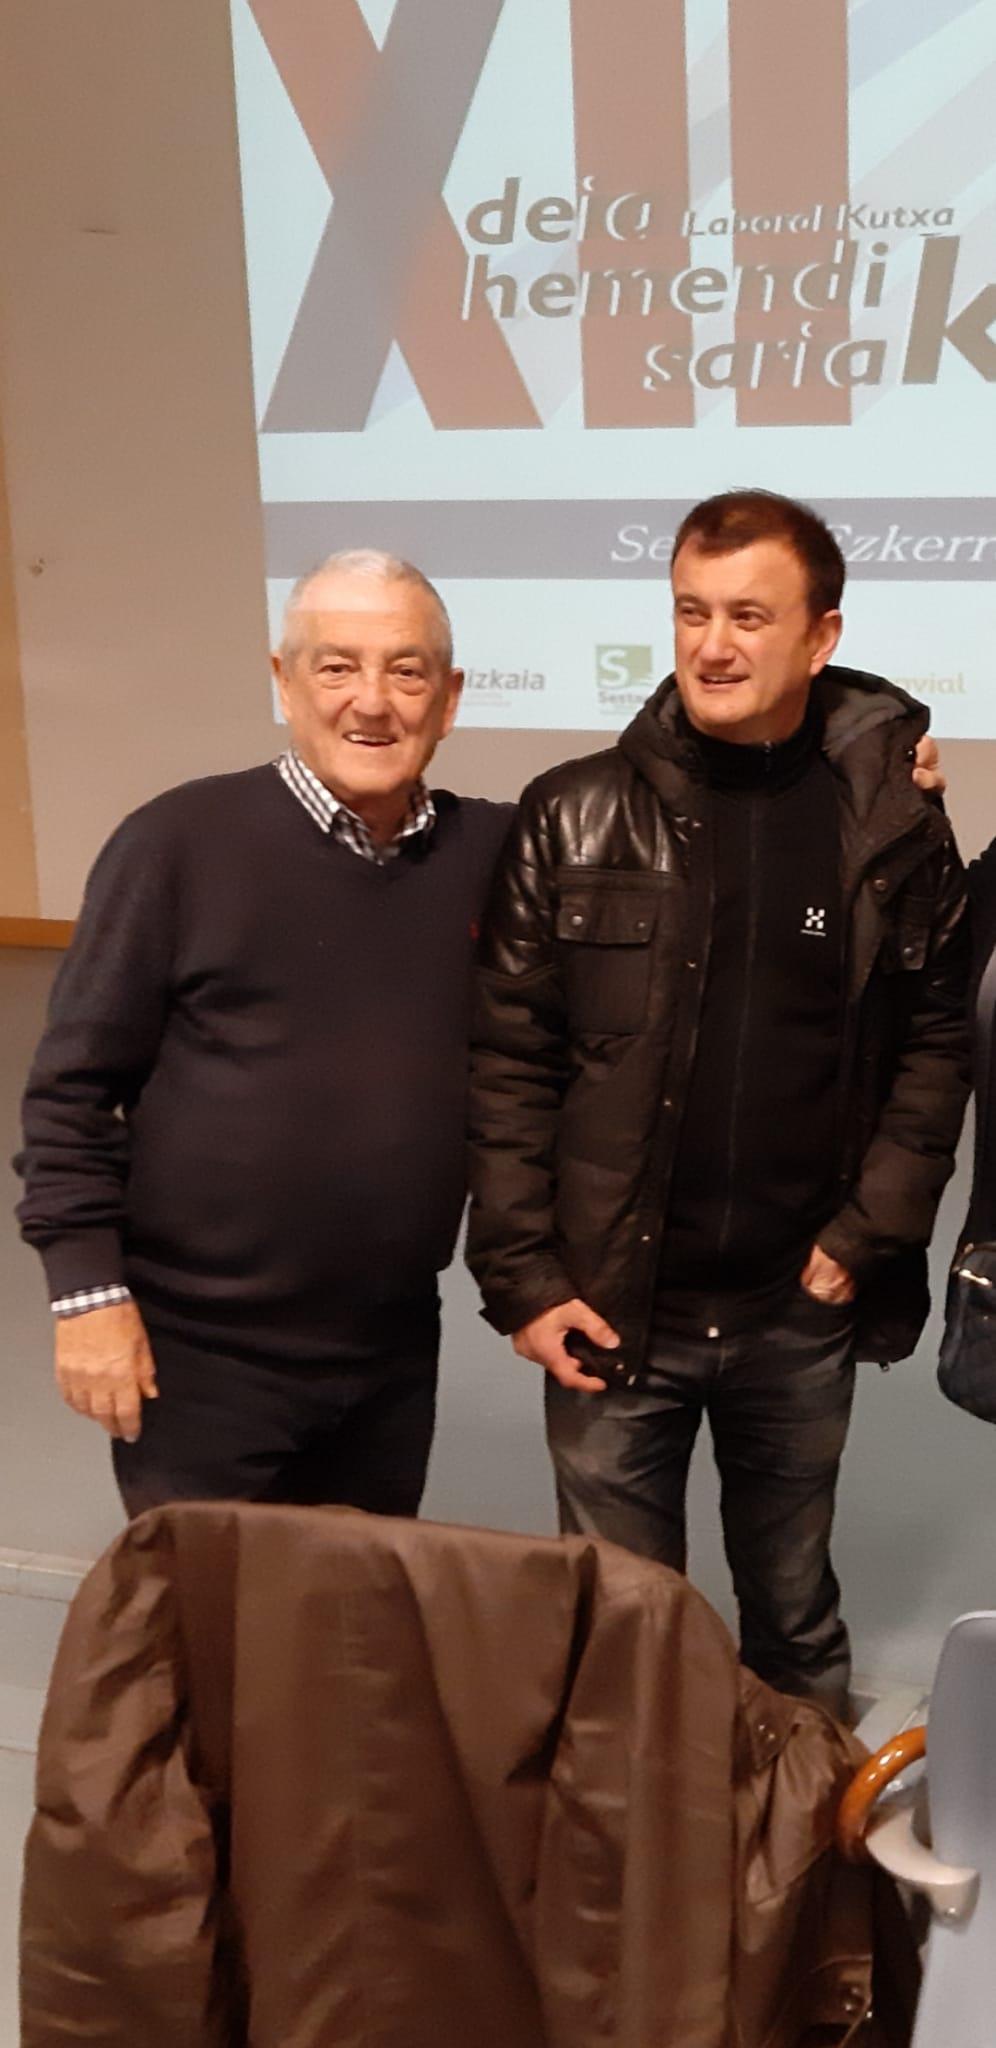 Txema y David Lorente recogen el premio DEIA Hemendik Sariak Ezkerraldea 2019